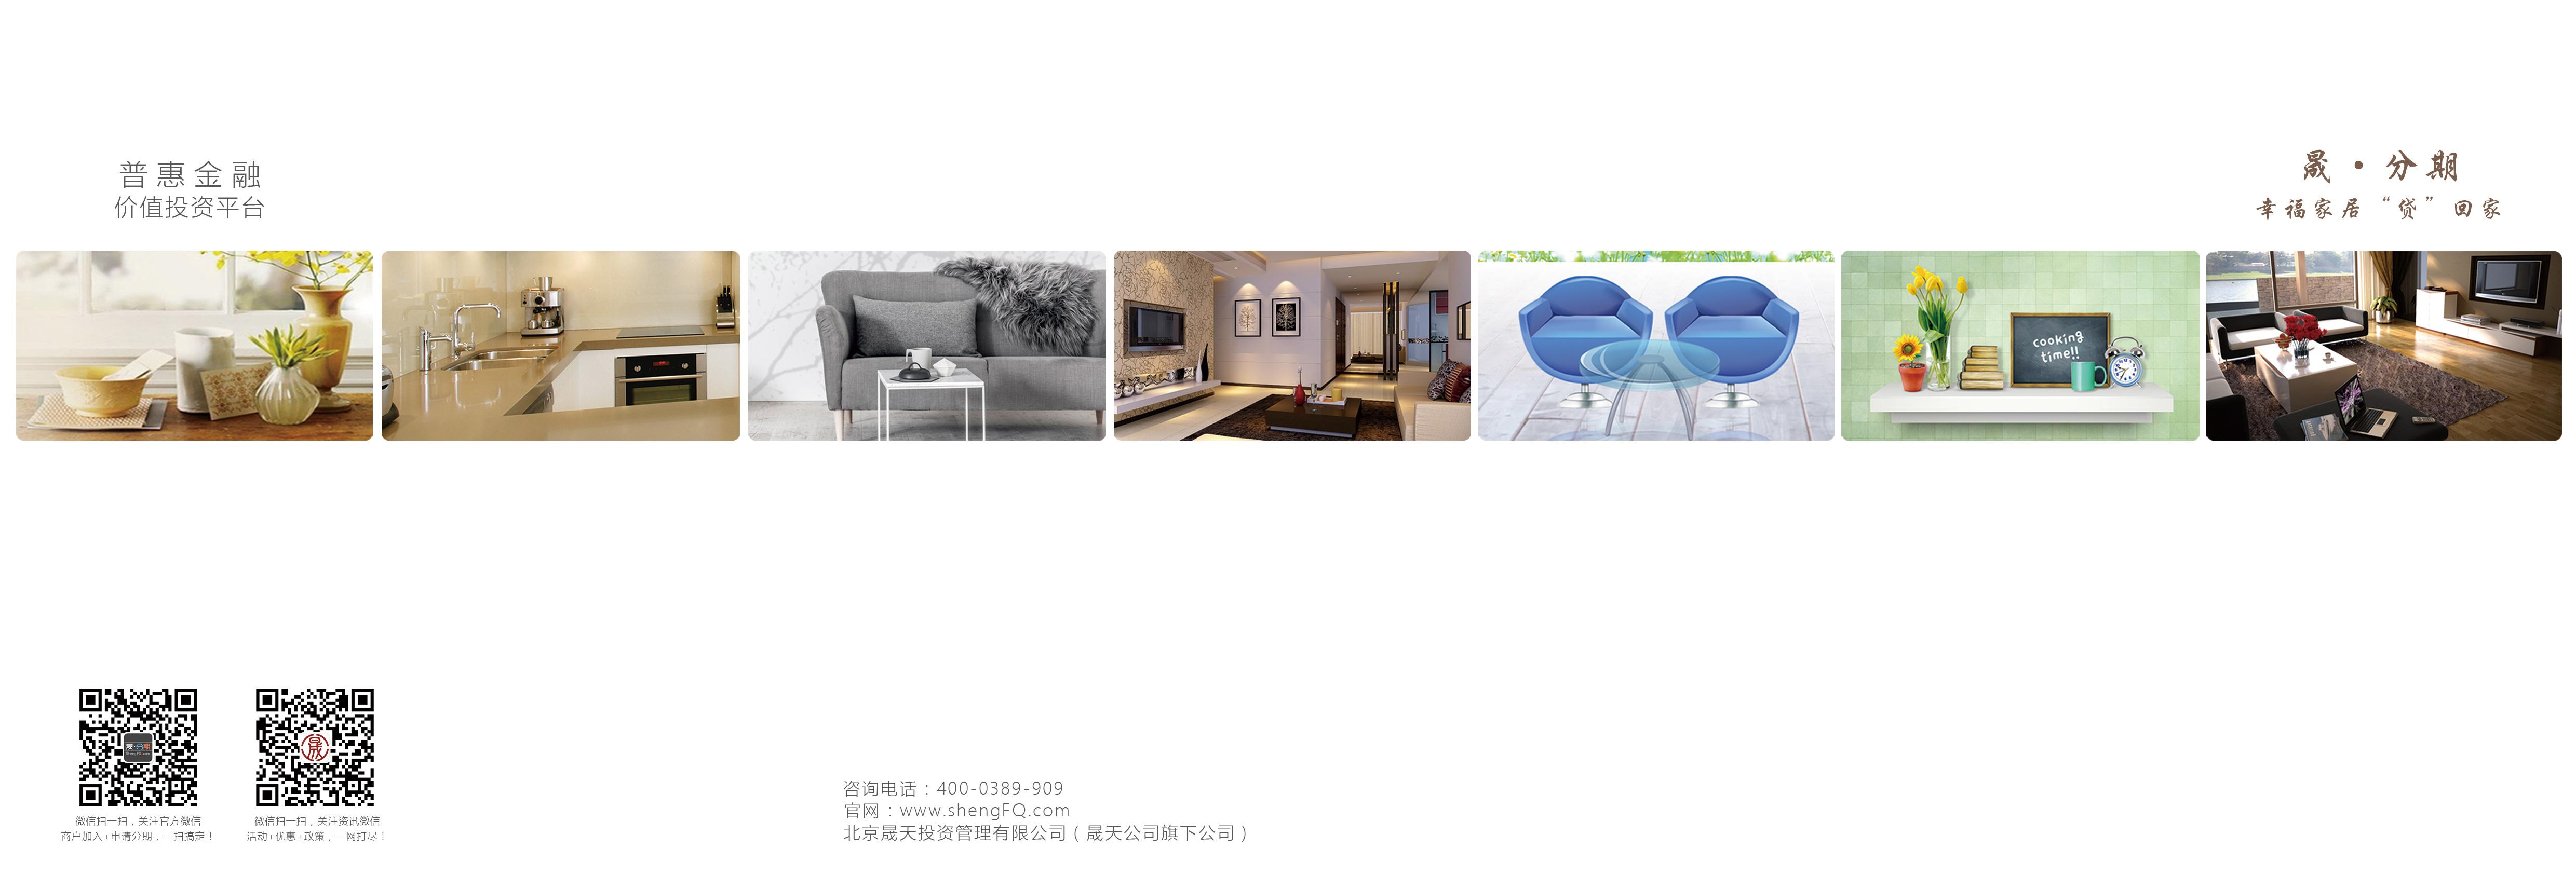 宣传册简约版图片